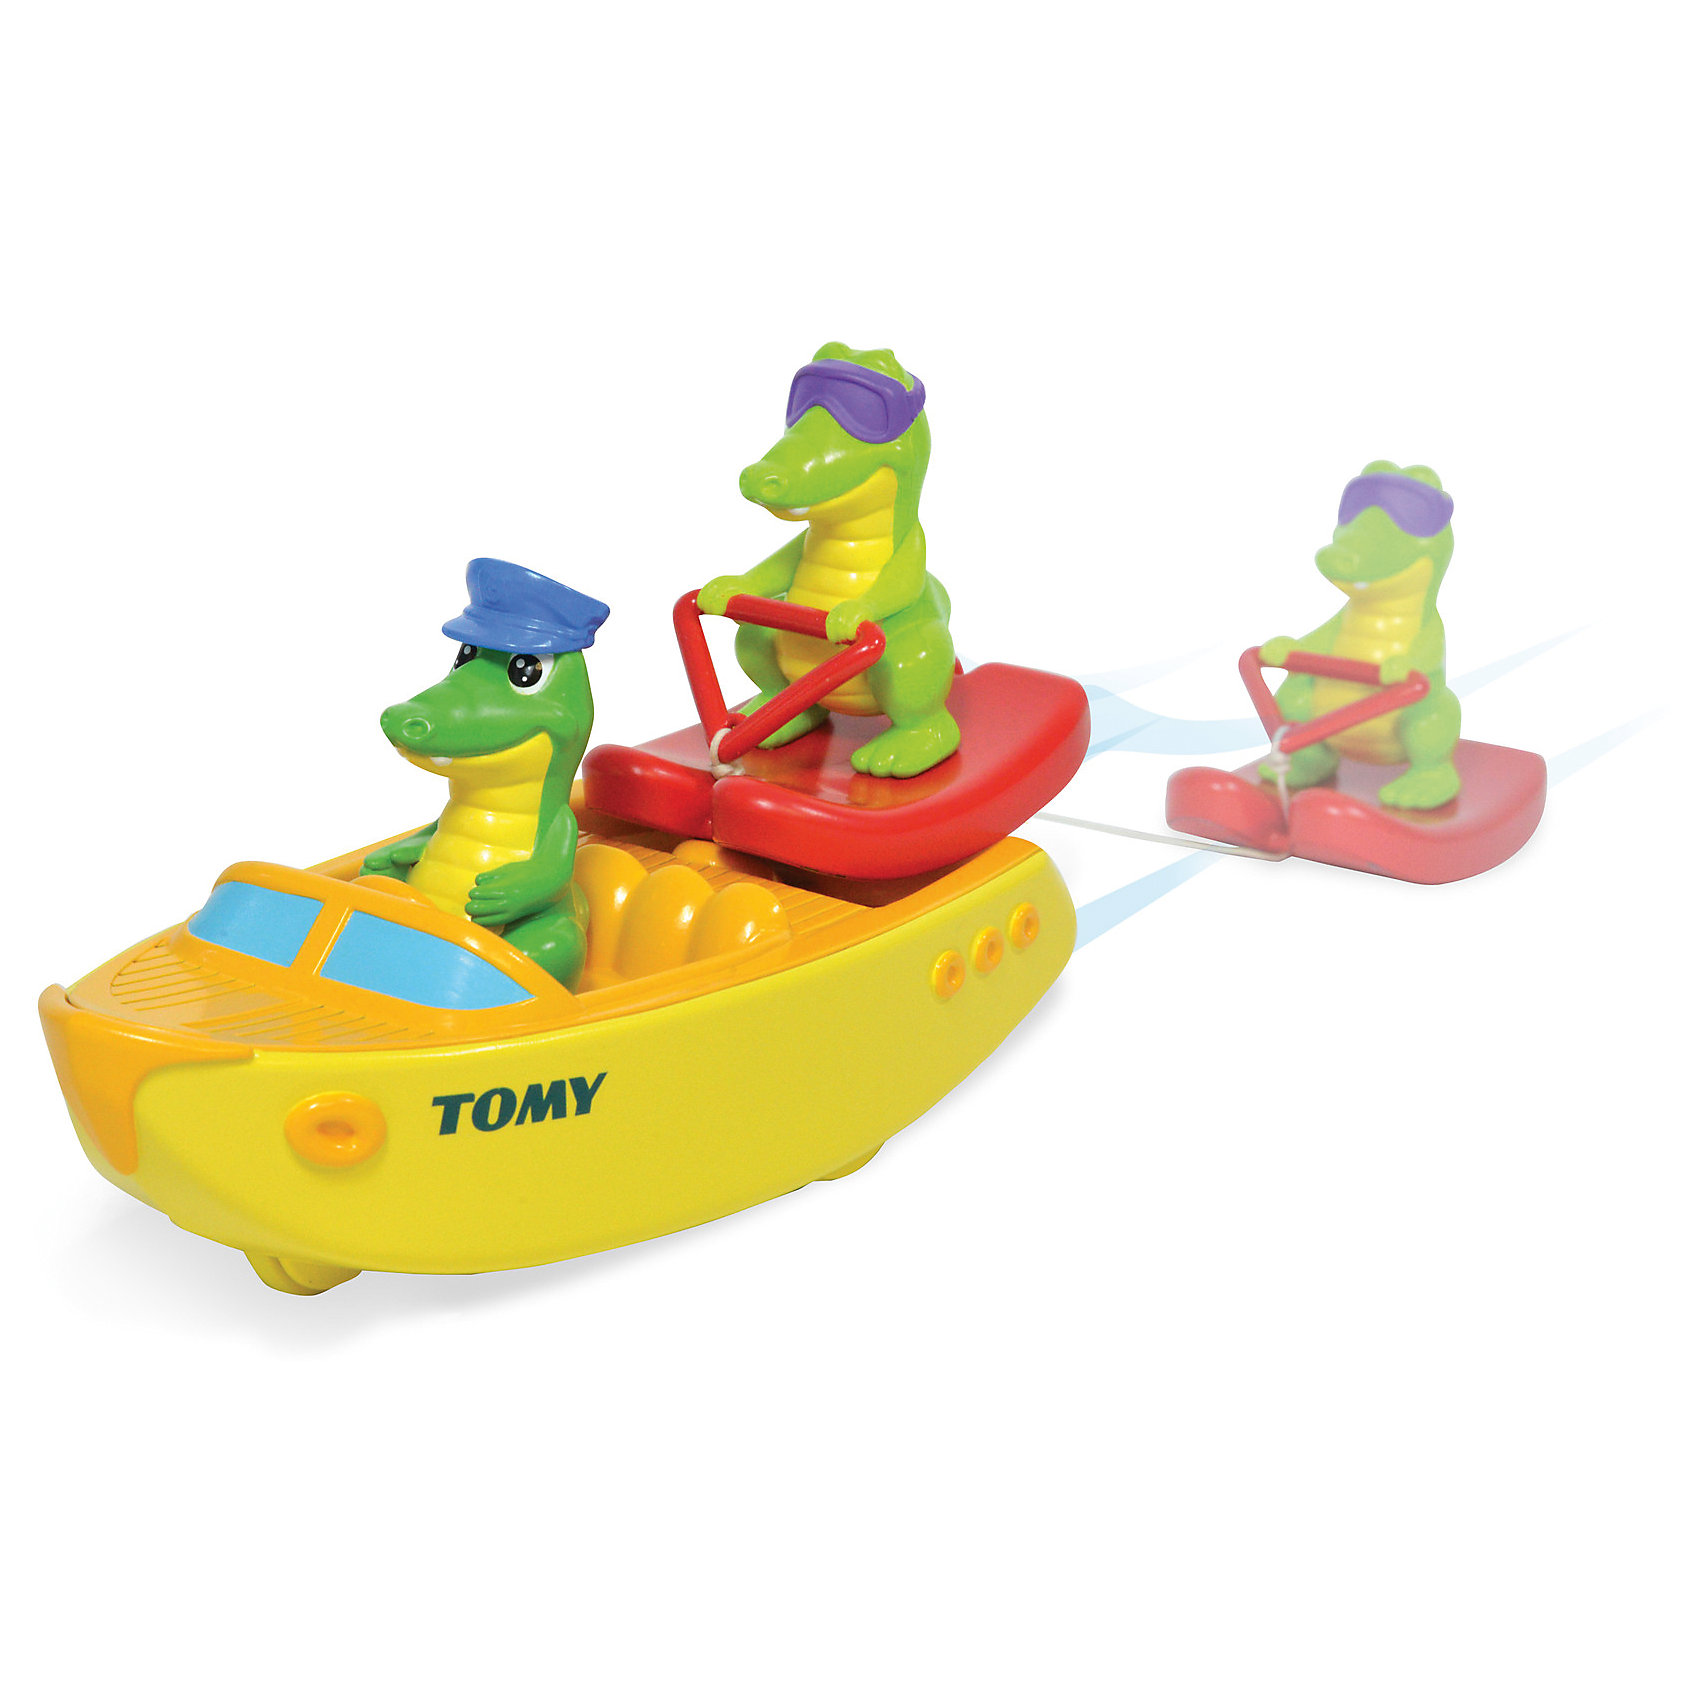 Крокодил на лодке, TOMYКрокодил на водных лыжах, Tomy - красочная привлекательная игрушка, которая превратит купание малыша в веселую увлекательную игру. Игрушка выполнена в виде моторной лодки с двумя забавными крокодильчиками - капитаном и пассажиром в солнечных очках на водных лыжах. Если потянуть лыжника за веревочку у лодки заведется мотор, она будет плыть по воде а крокодильчик ее догонять. Лодка оснащена маленькими колесиками, благодаря чему ее можно запускать и на полу. Игрушка изготовлена из высококачественного пластика, имеет крупные округлые формы, удобные и безопасные для малыша.<br><br>Дополнительная информация:<br><br>- В комплекте: катер с мотором, 2 фигурки крокодильчиков.<br>- Материал: пластик.<br>- Размер лодки: 19,5 х 8,5 х 3,5 см. <br>- Размер упаковки: 24 х 12 х 21 см.<br>- Вес: 0,38 кг.<br><br>Крокодил на водных лыжах, Tomy, можно купить в нашем интернет-магазине.<br><br>Ширина мм: 240<br>Глубина мм: 120<br>Высота мм: 210<br>Вес г: 380<br>Возраст от месяцев: 18<br>Возраст до месяцев: 36<br>Пол: Унисекс<br>Возраст: Детский<br>SKU: 4412203